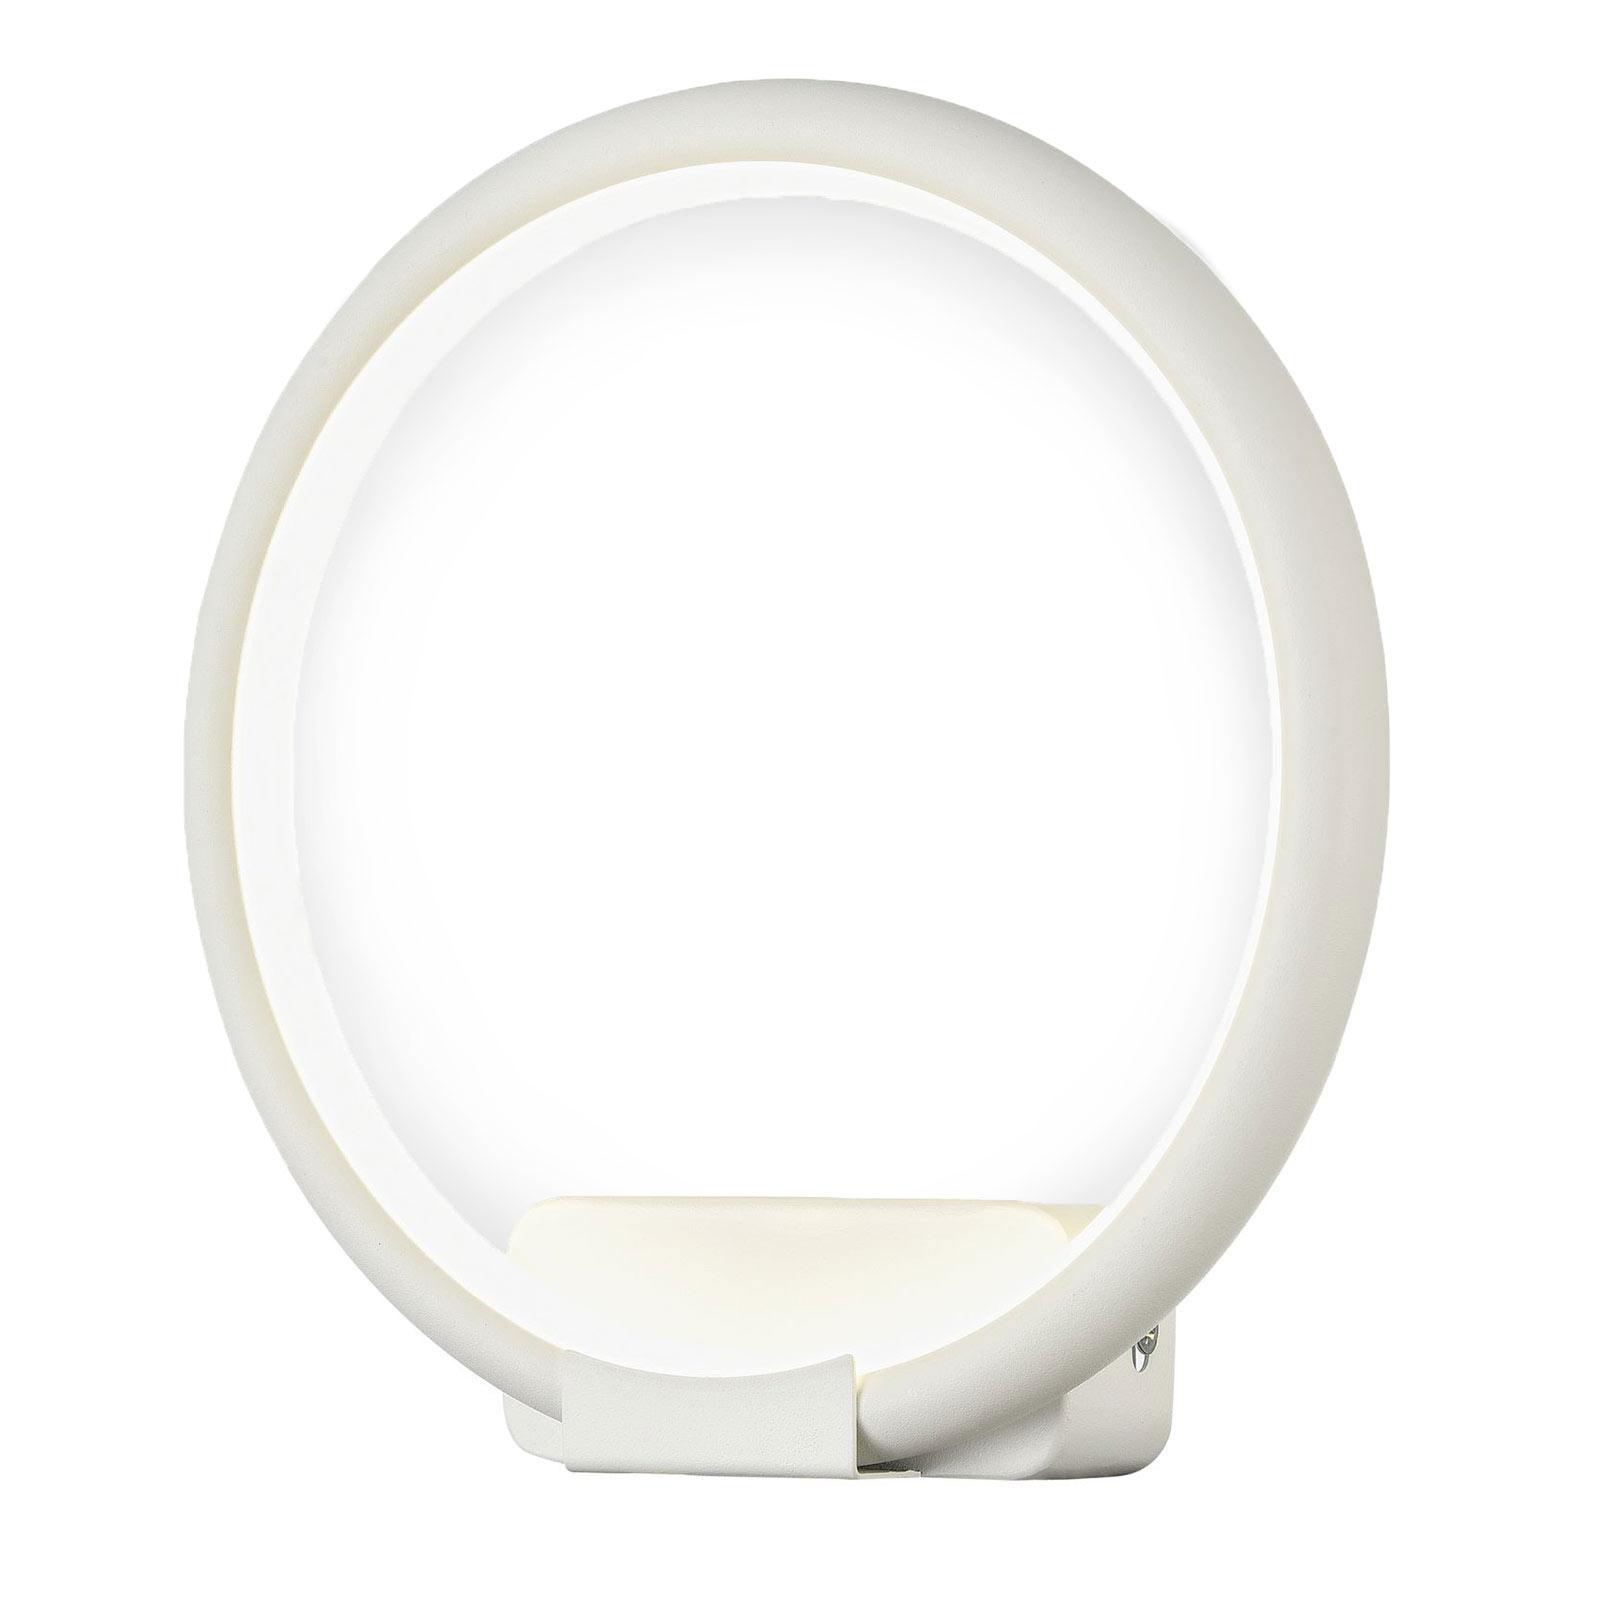 LED-Wandleuchte Nola, geschlossener Ring